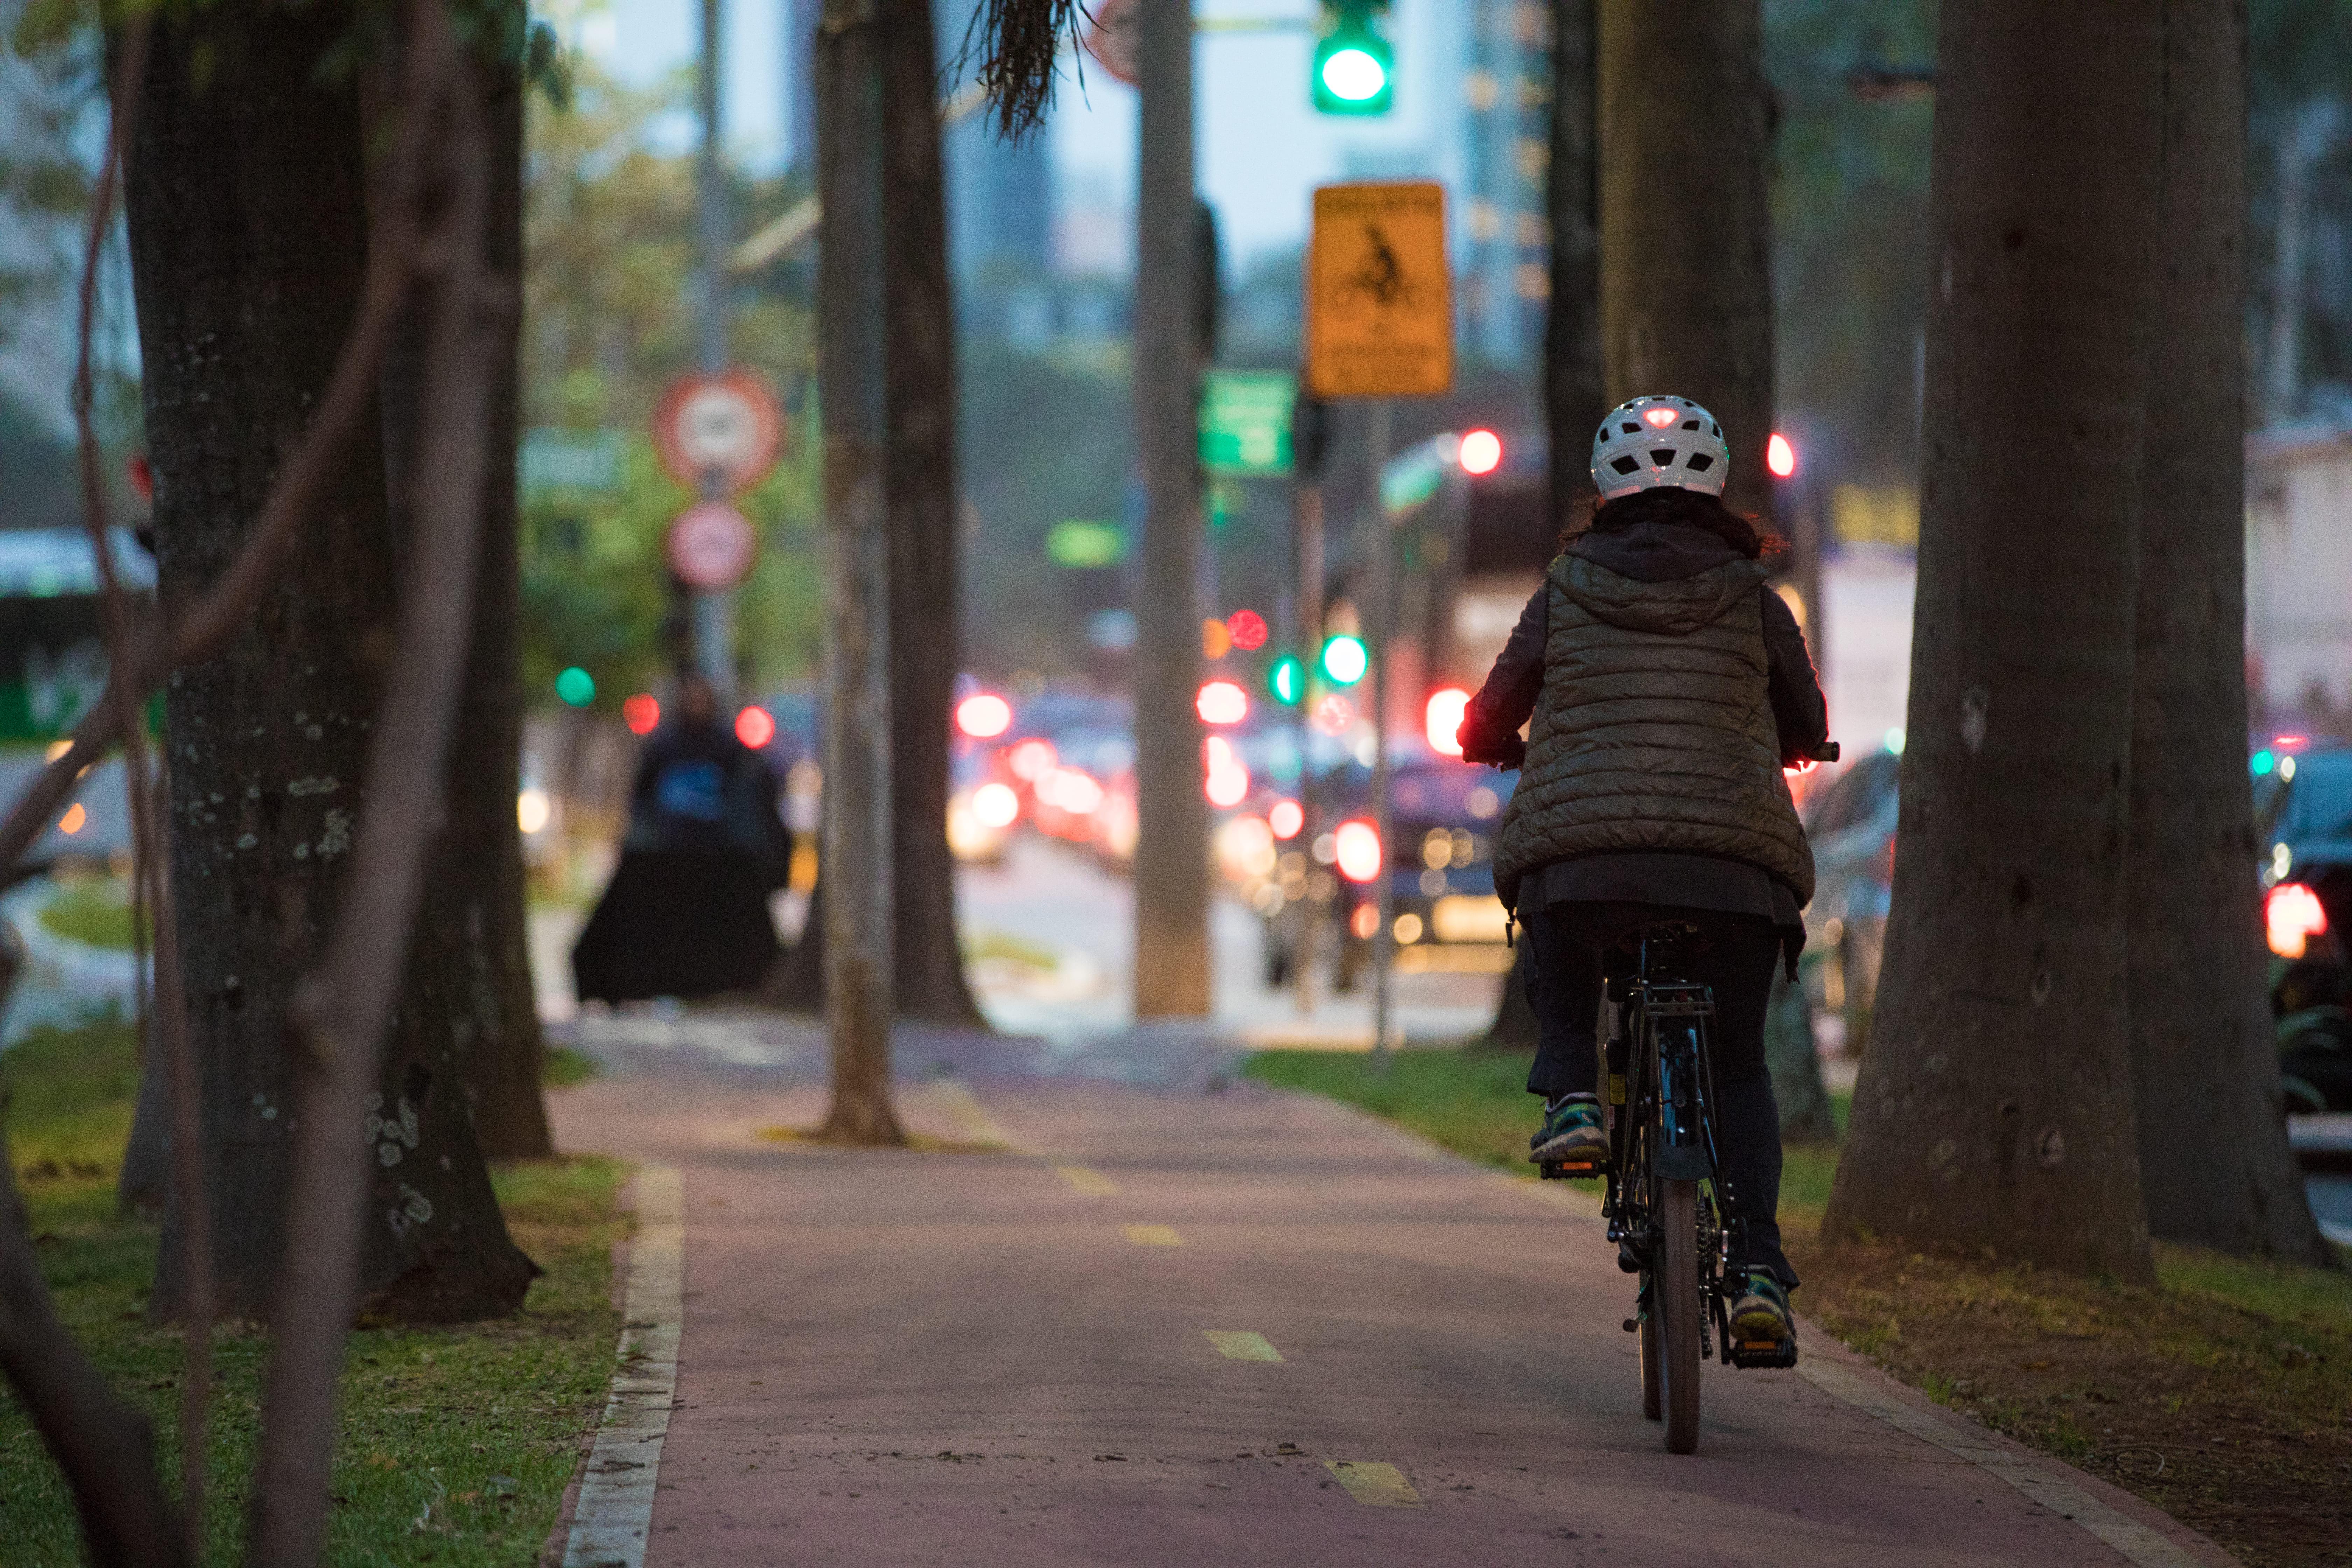 Ciclista com seguro para bicicleta pedala pela ciclovia da Av. Brg. Faria Lima, em São Paulo